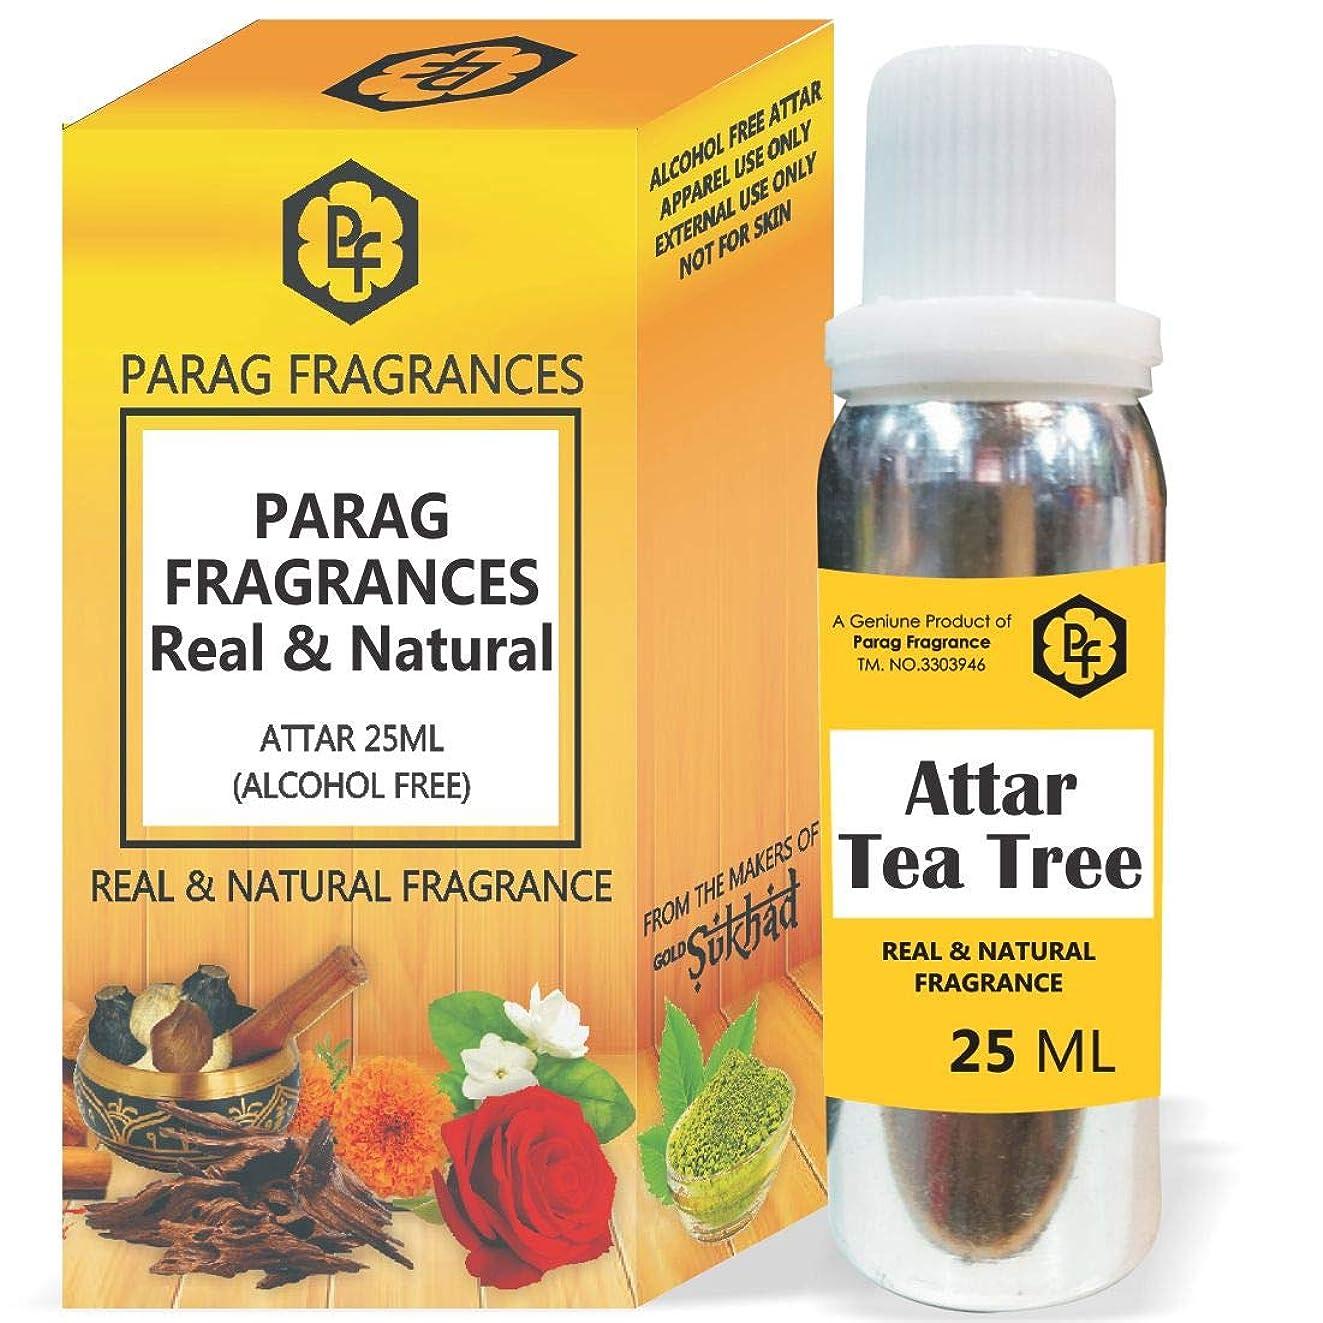 次へ瞑想するレンジ50/100/200/500パック内の他のエディションファンシー空き瓶(アルコールフリー、ロングラスティング、自然アター)でParagフレグランス25ミリリットルティーツリーアター